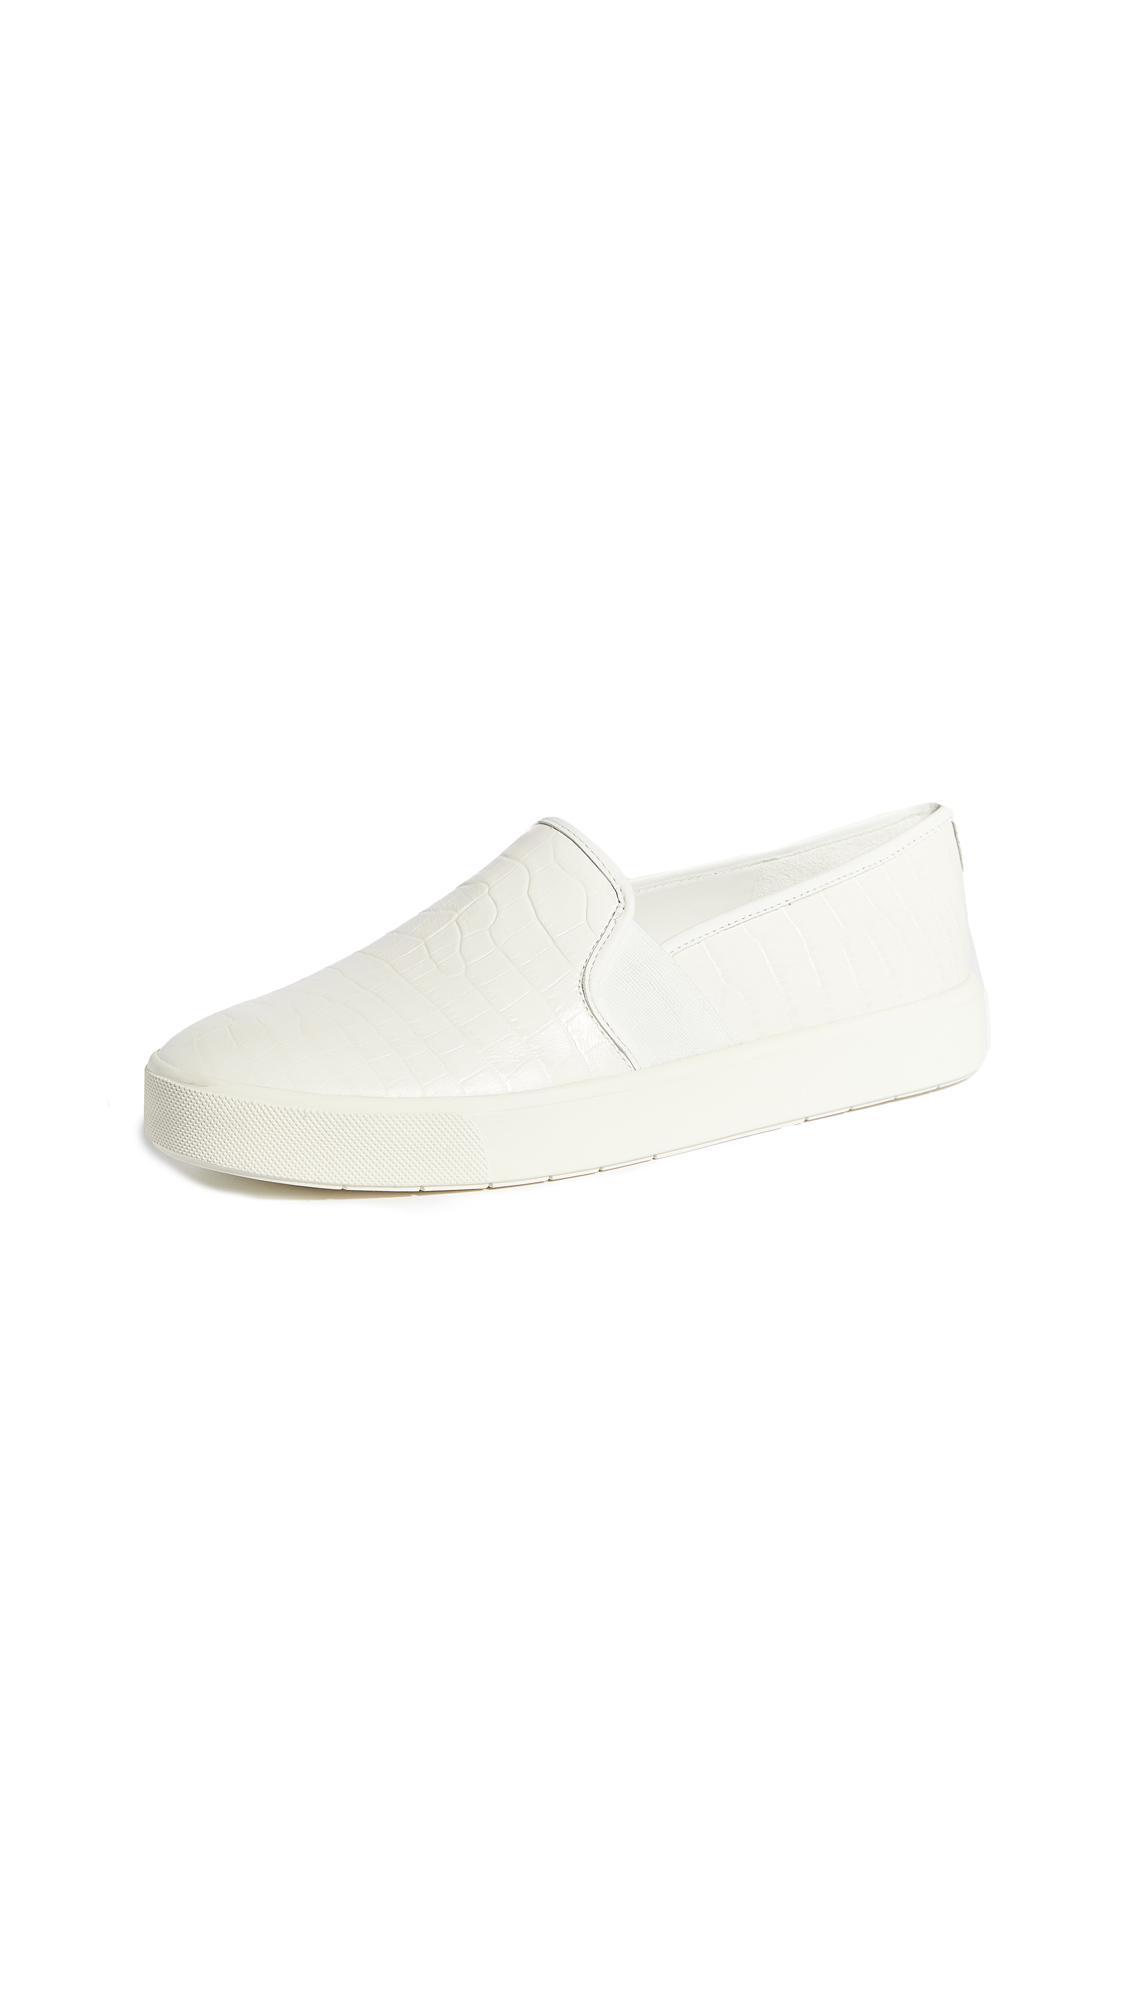 Vince Blair 5 Slip On Sneakers